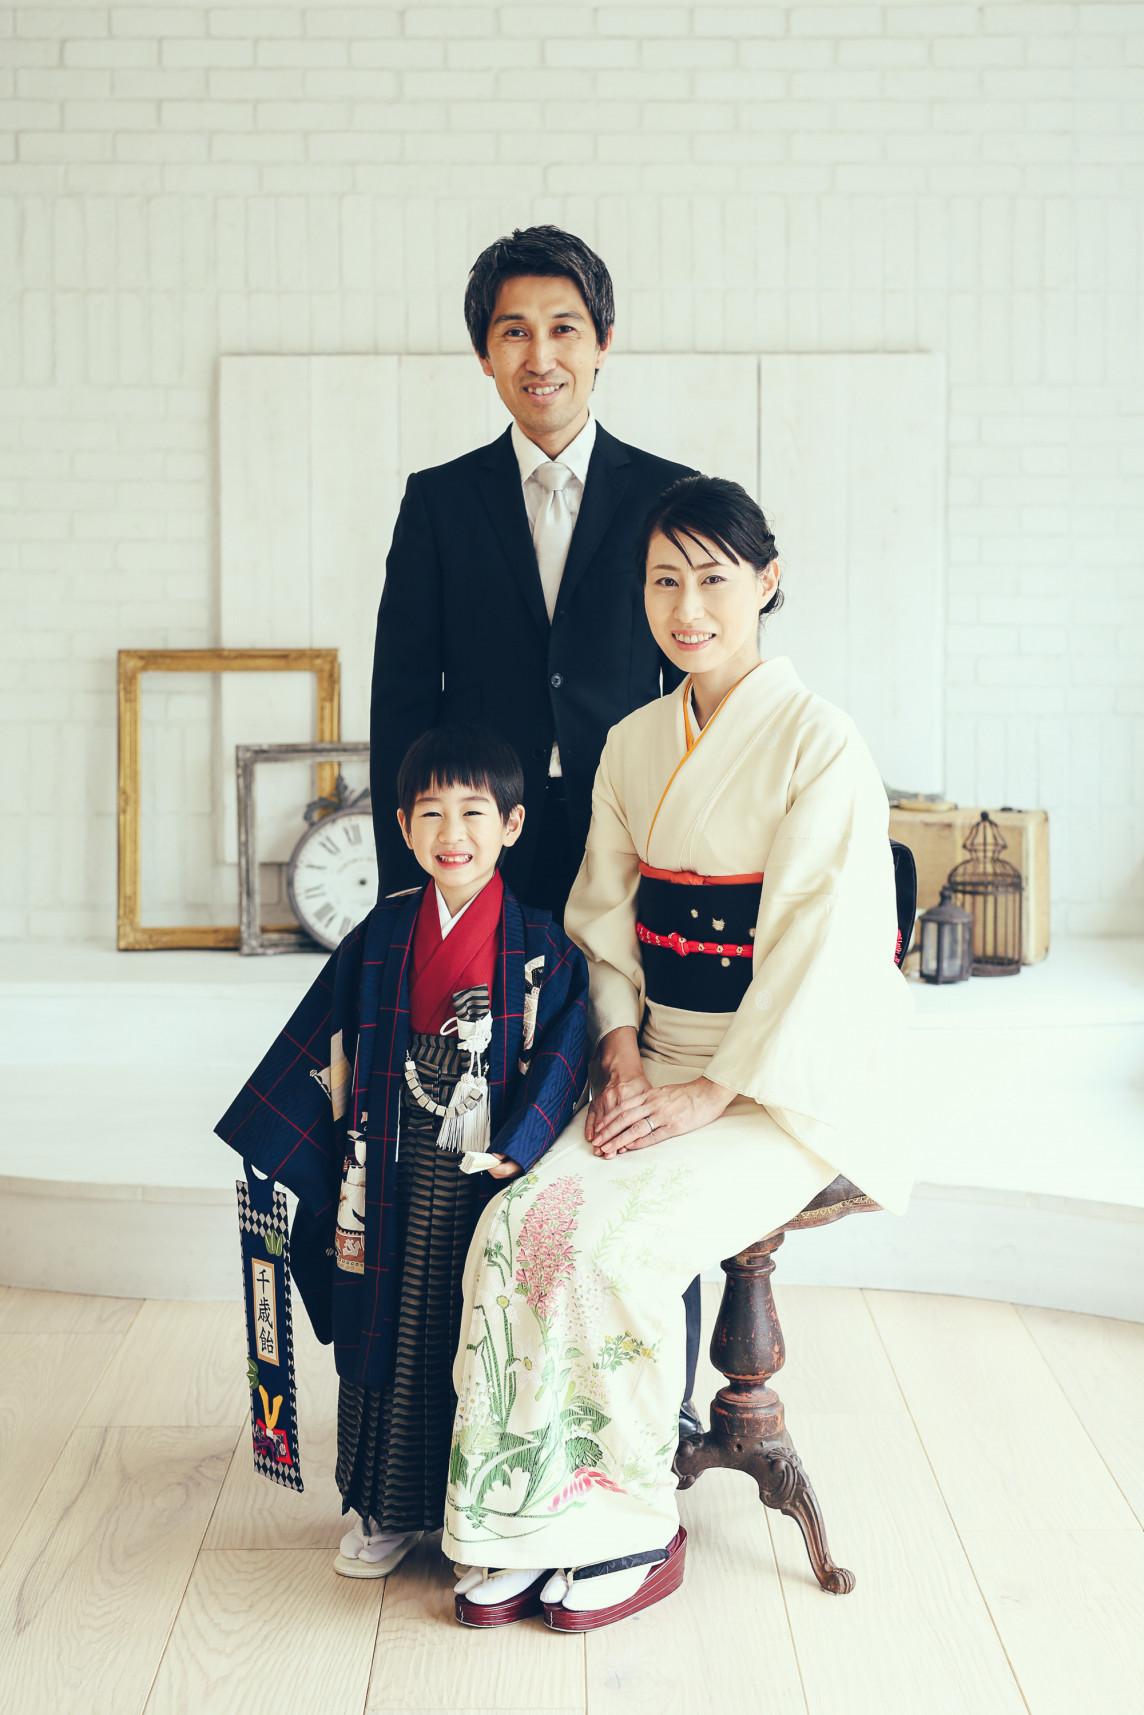 七五三の親の服装-スーツと訪問着